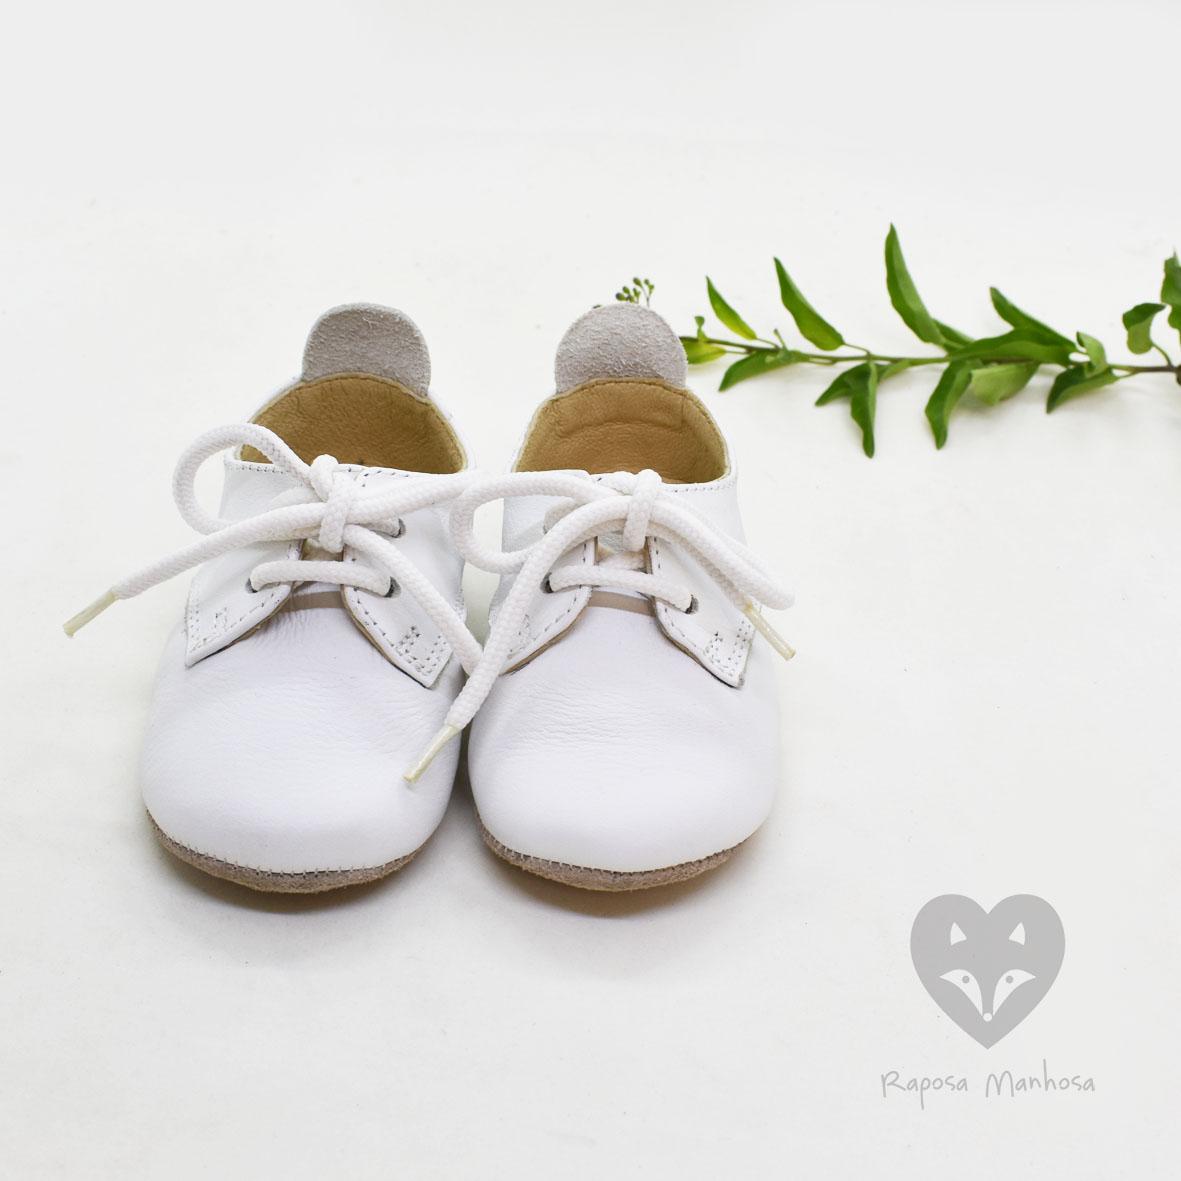 Sapato Diospiro baby